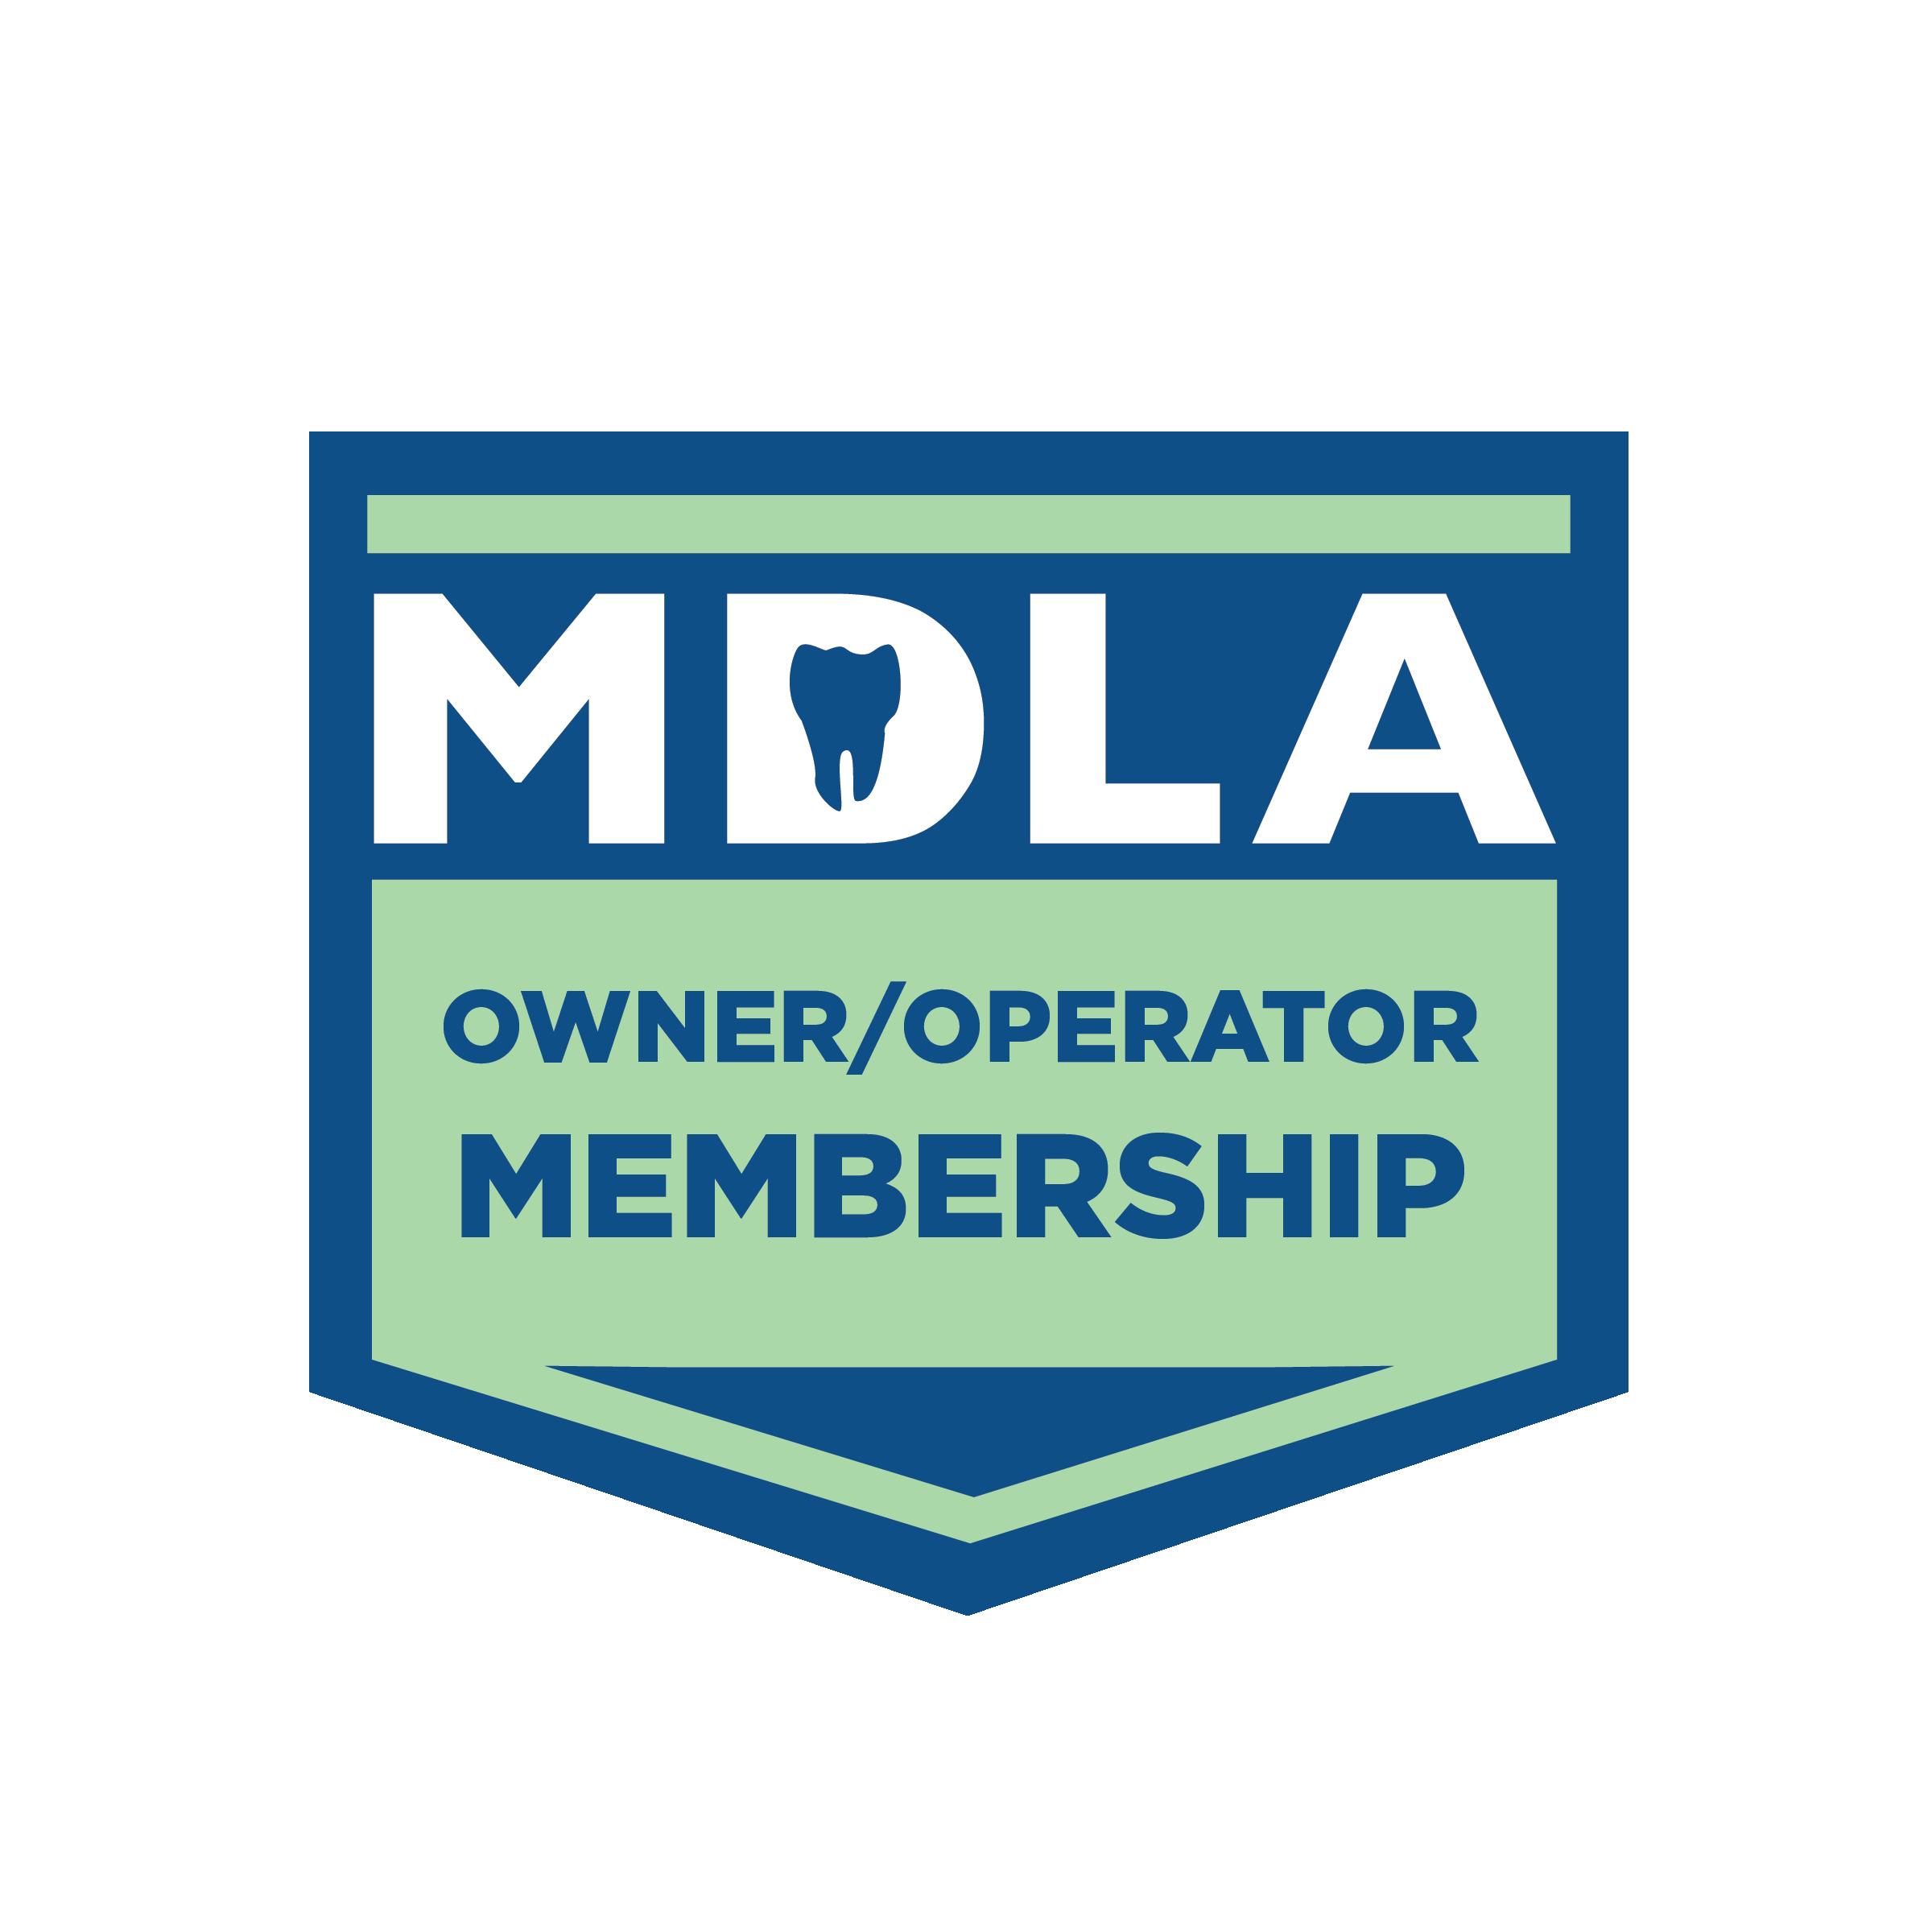 MDLA-Logo-owner-01.png